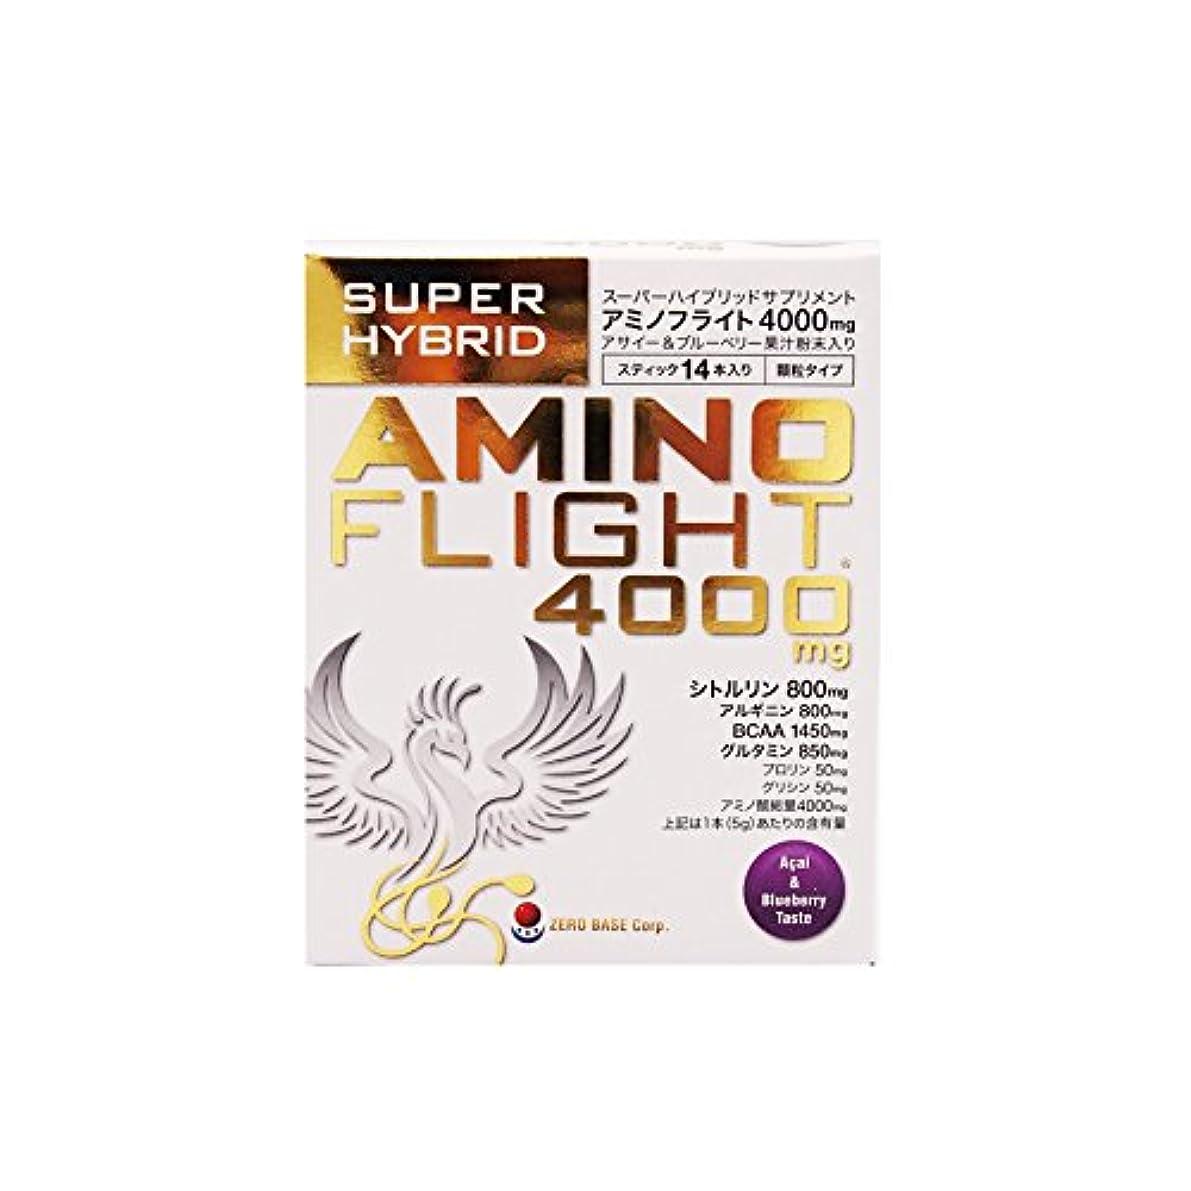 アミノフライト 4000mg 5g×14本入り アサイー&ブルーベリー風味 顆粒タイプ